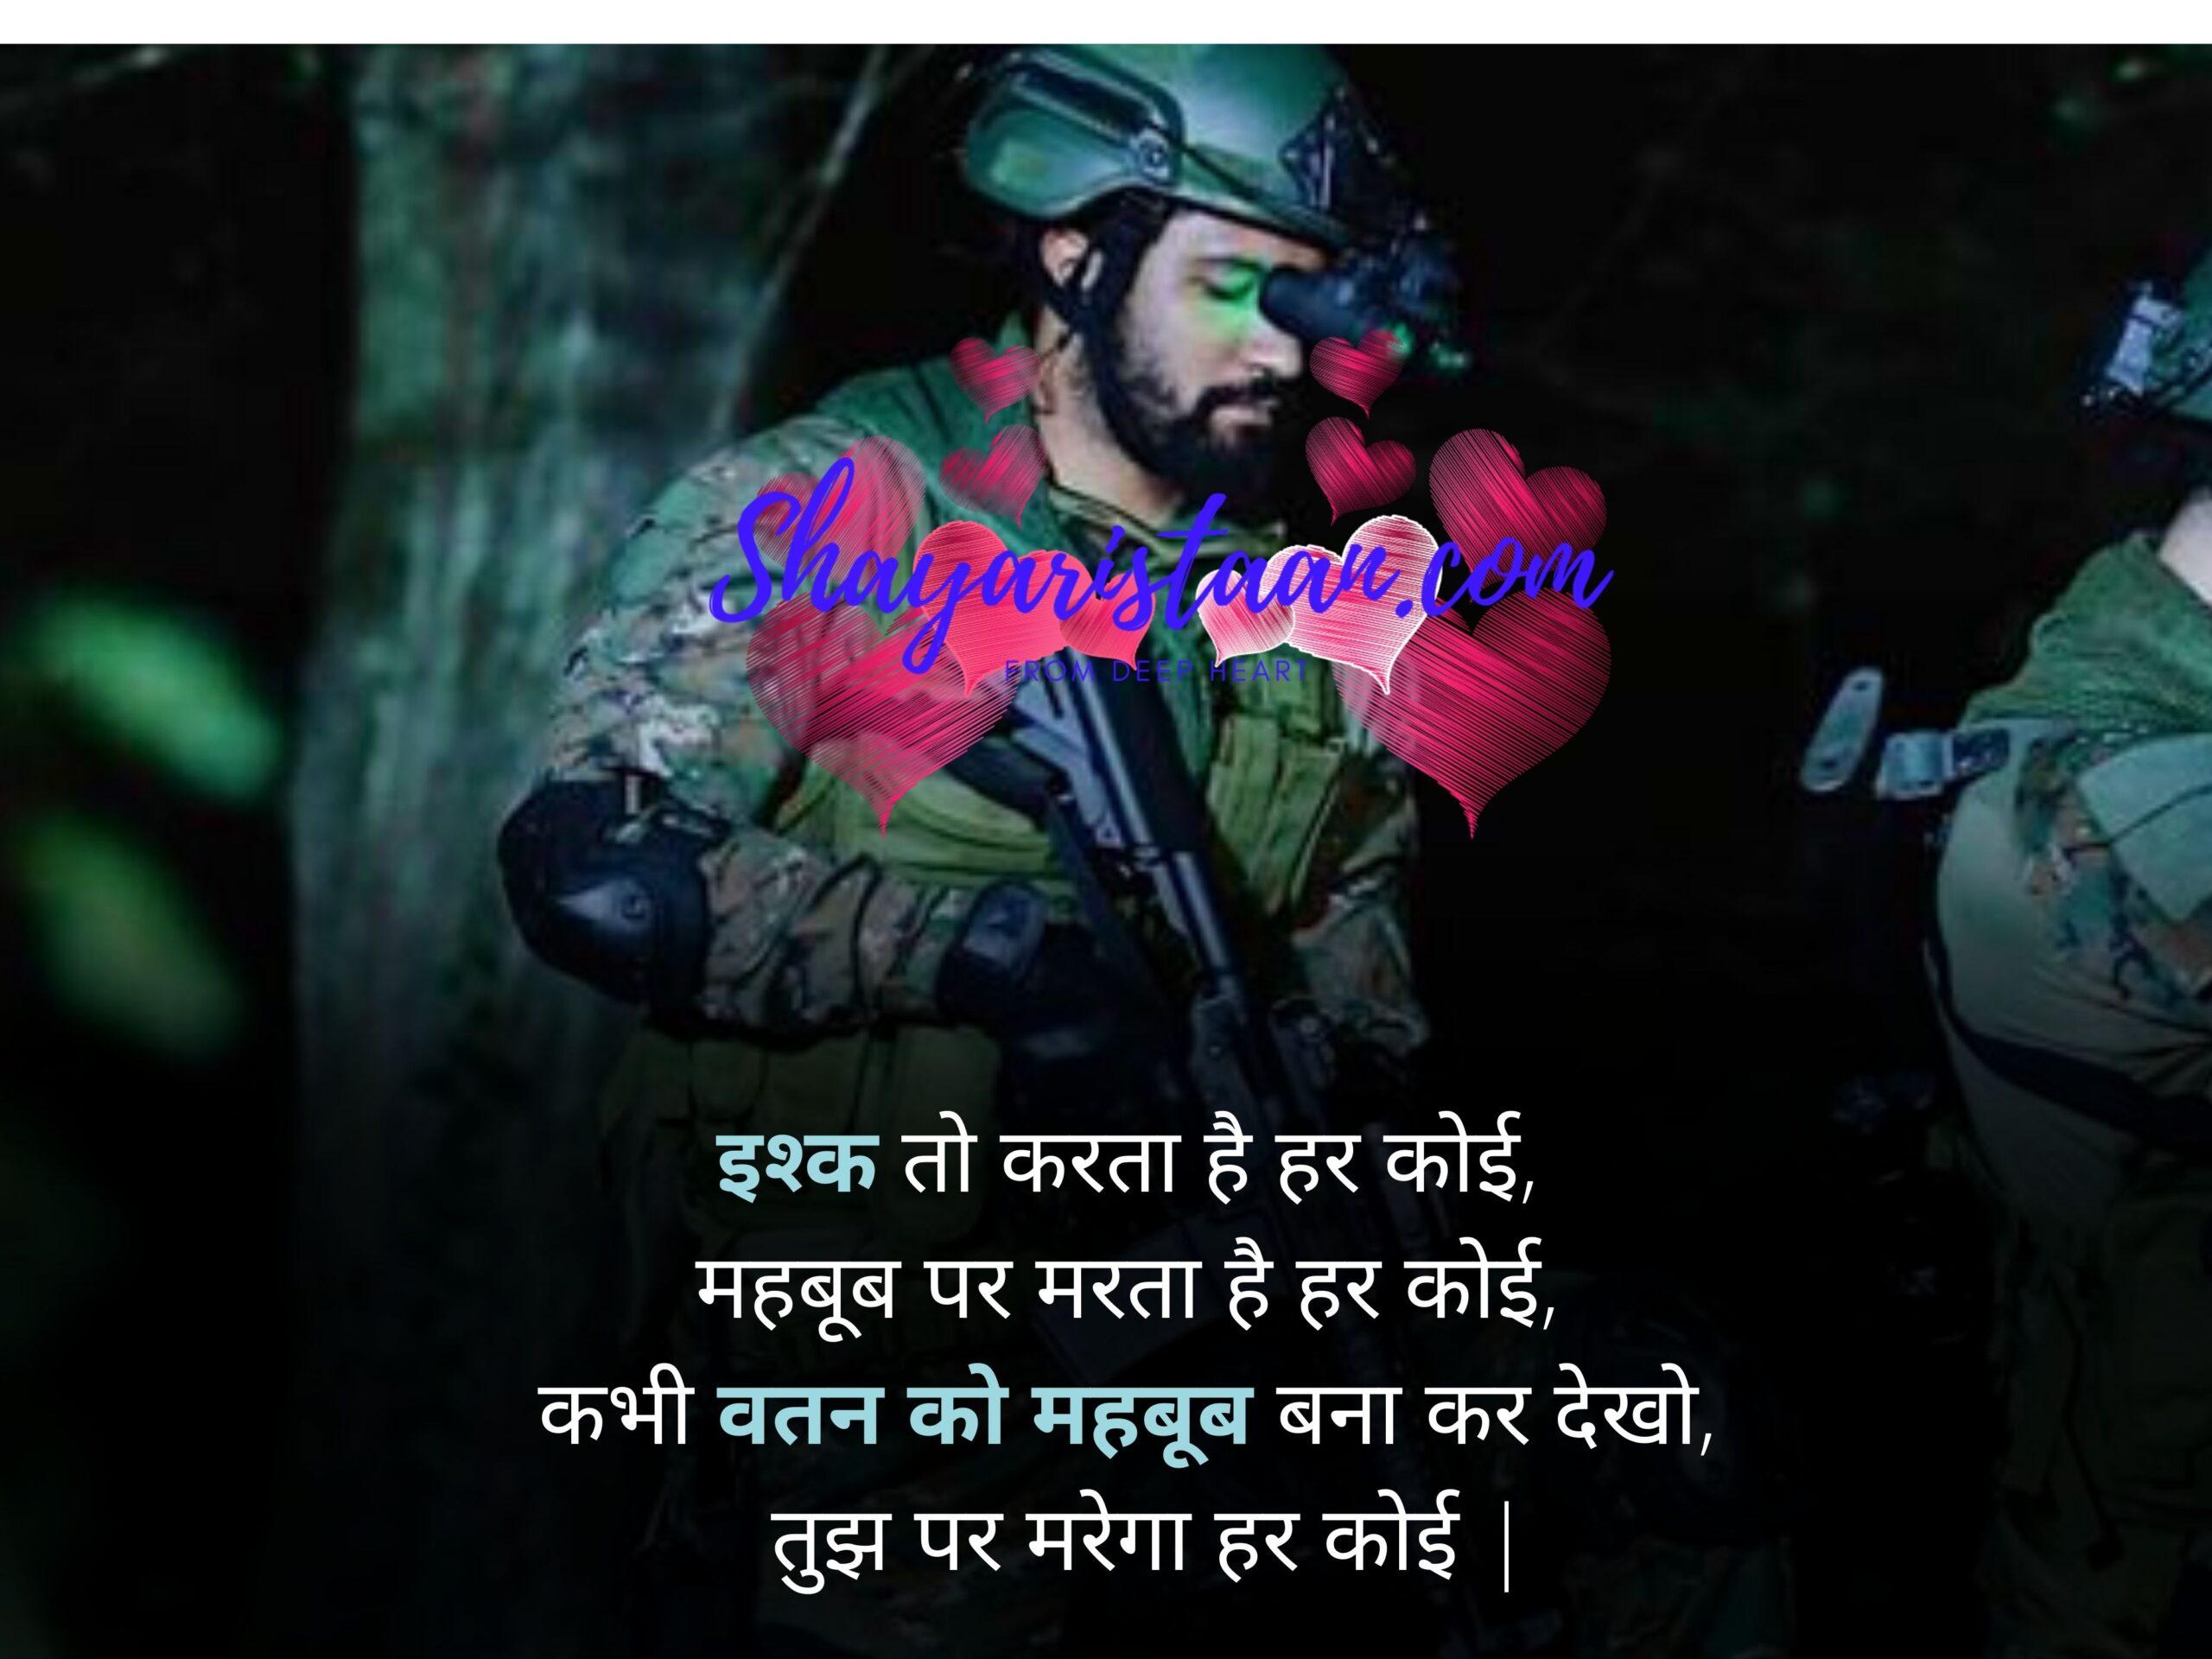 इंडियन आर्मी स्टेटस 2021 | इश्क तो करता है हर कोई, महबूब पर मरता है हर कोई, कभी वतन को महबूब बना कर देखो, तुझ पर मरेगा हर कोई |